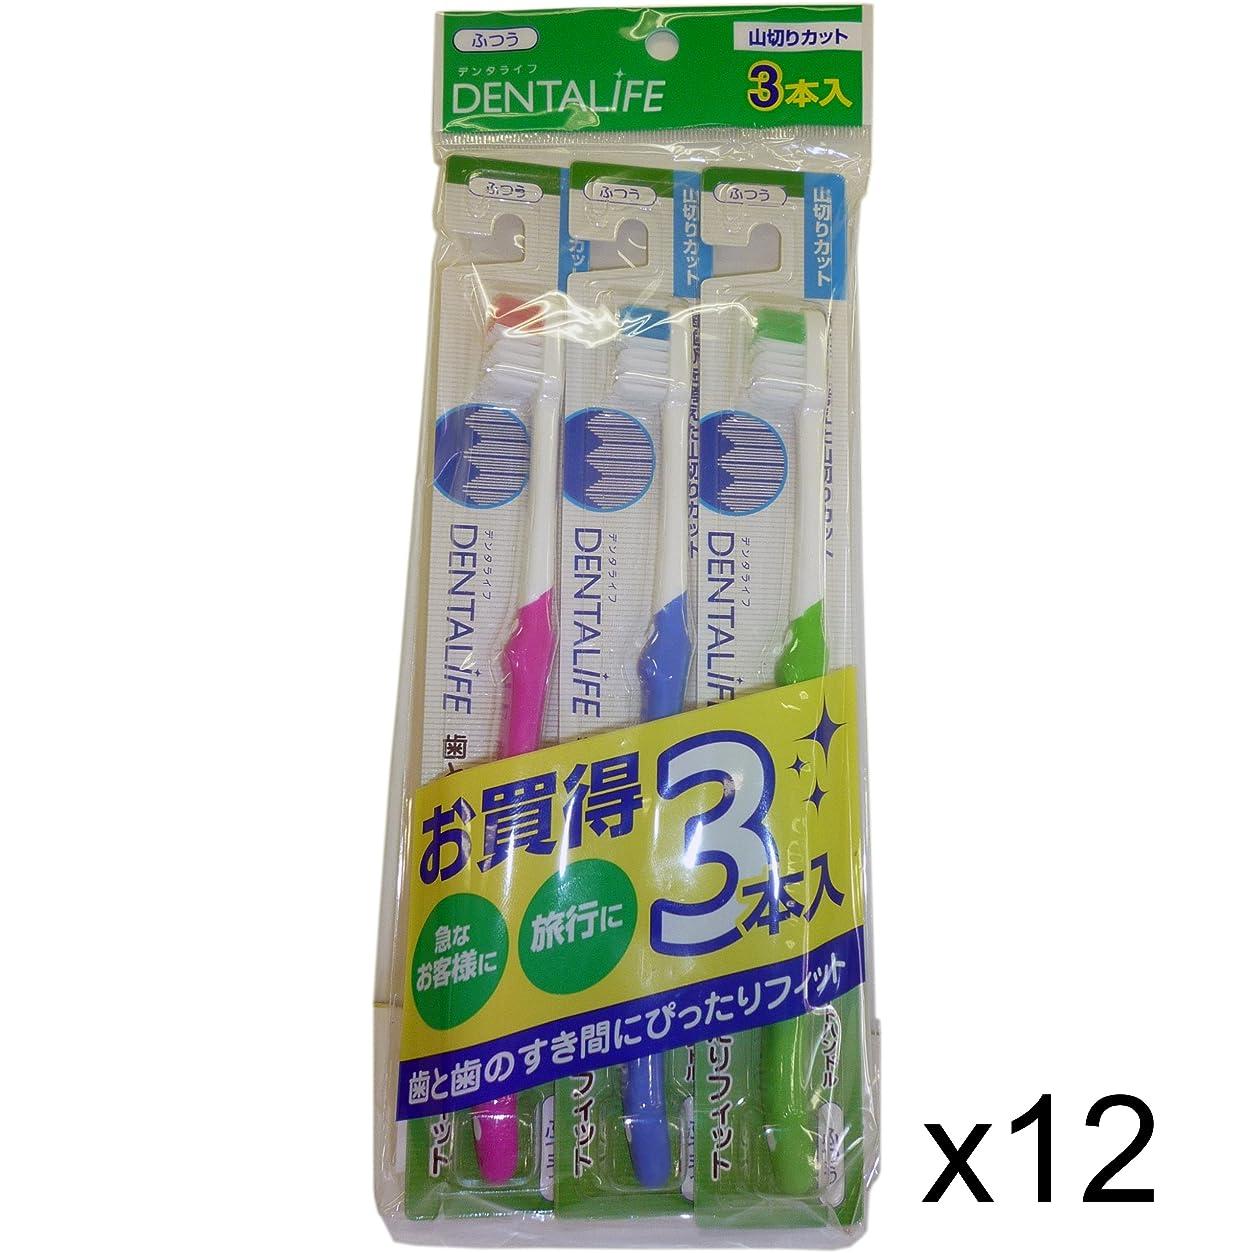 ねじれツーリスト急性お徳用 DELTALIFE(デンタライフ)山切り歯ブラシ ふつう 3P×12ヶセット(36本)